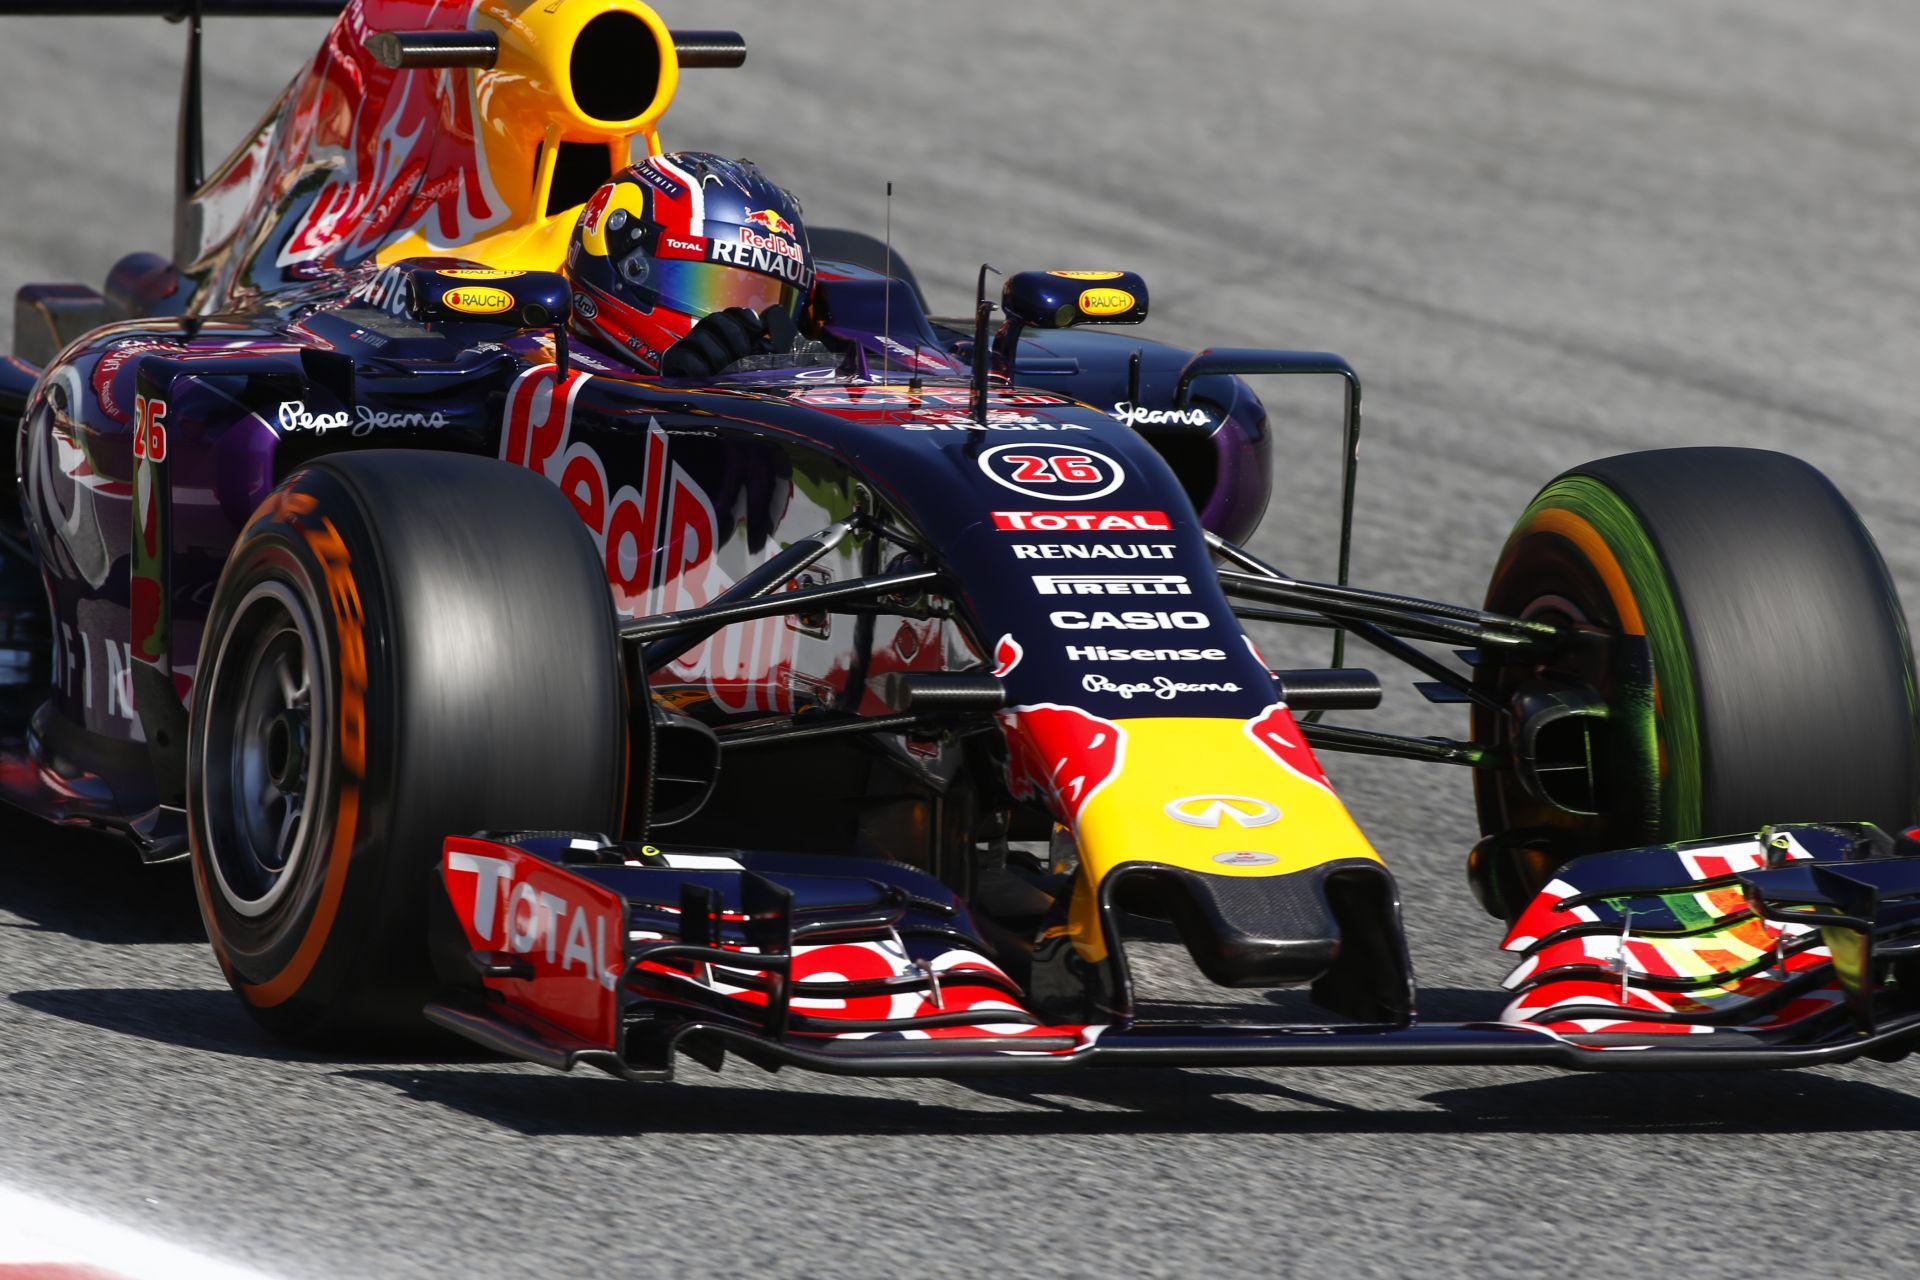 Fedélzeti kamerás felvétel, ahogy Kvyat tolja neki a Red Bullal